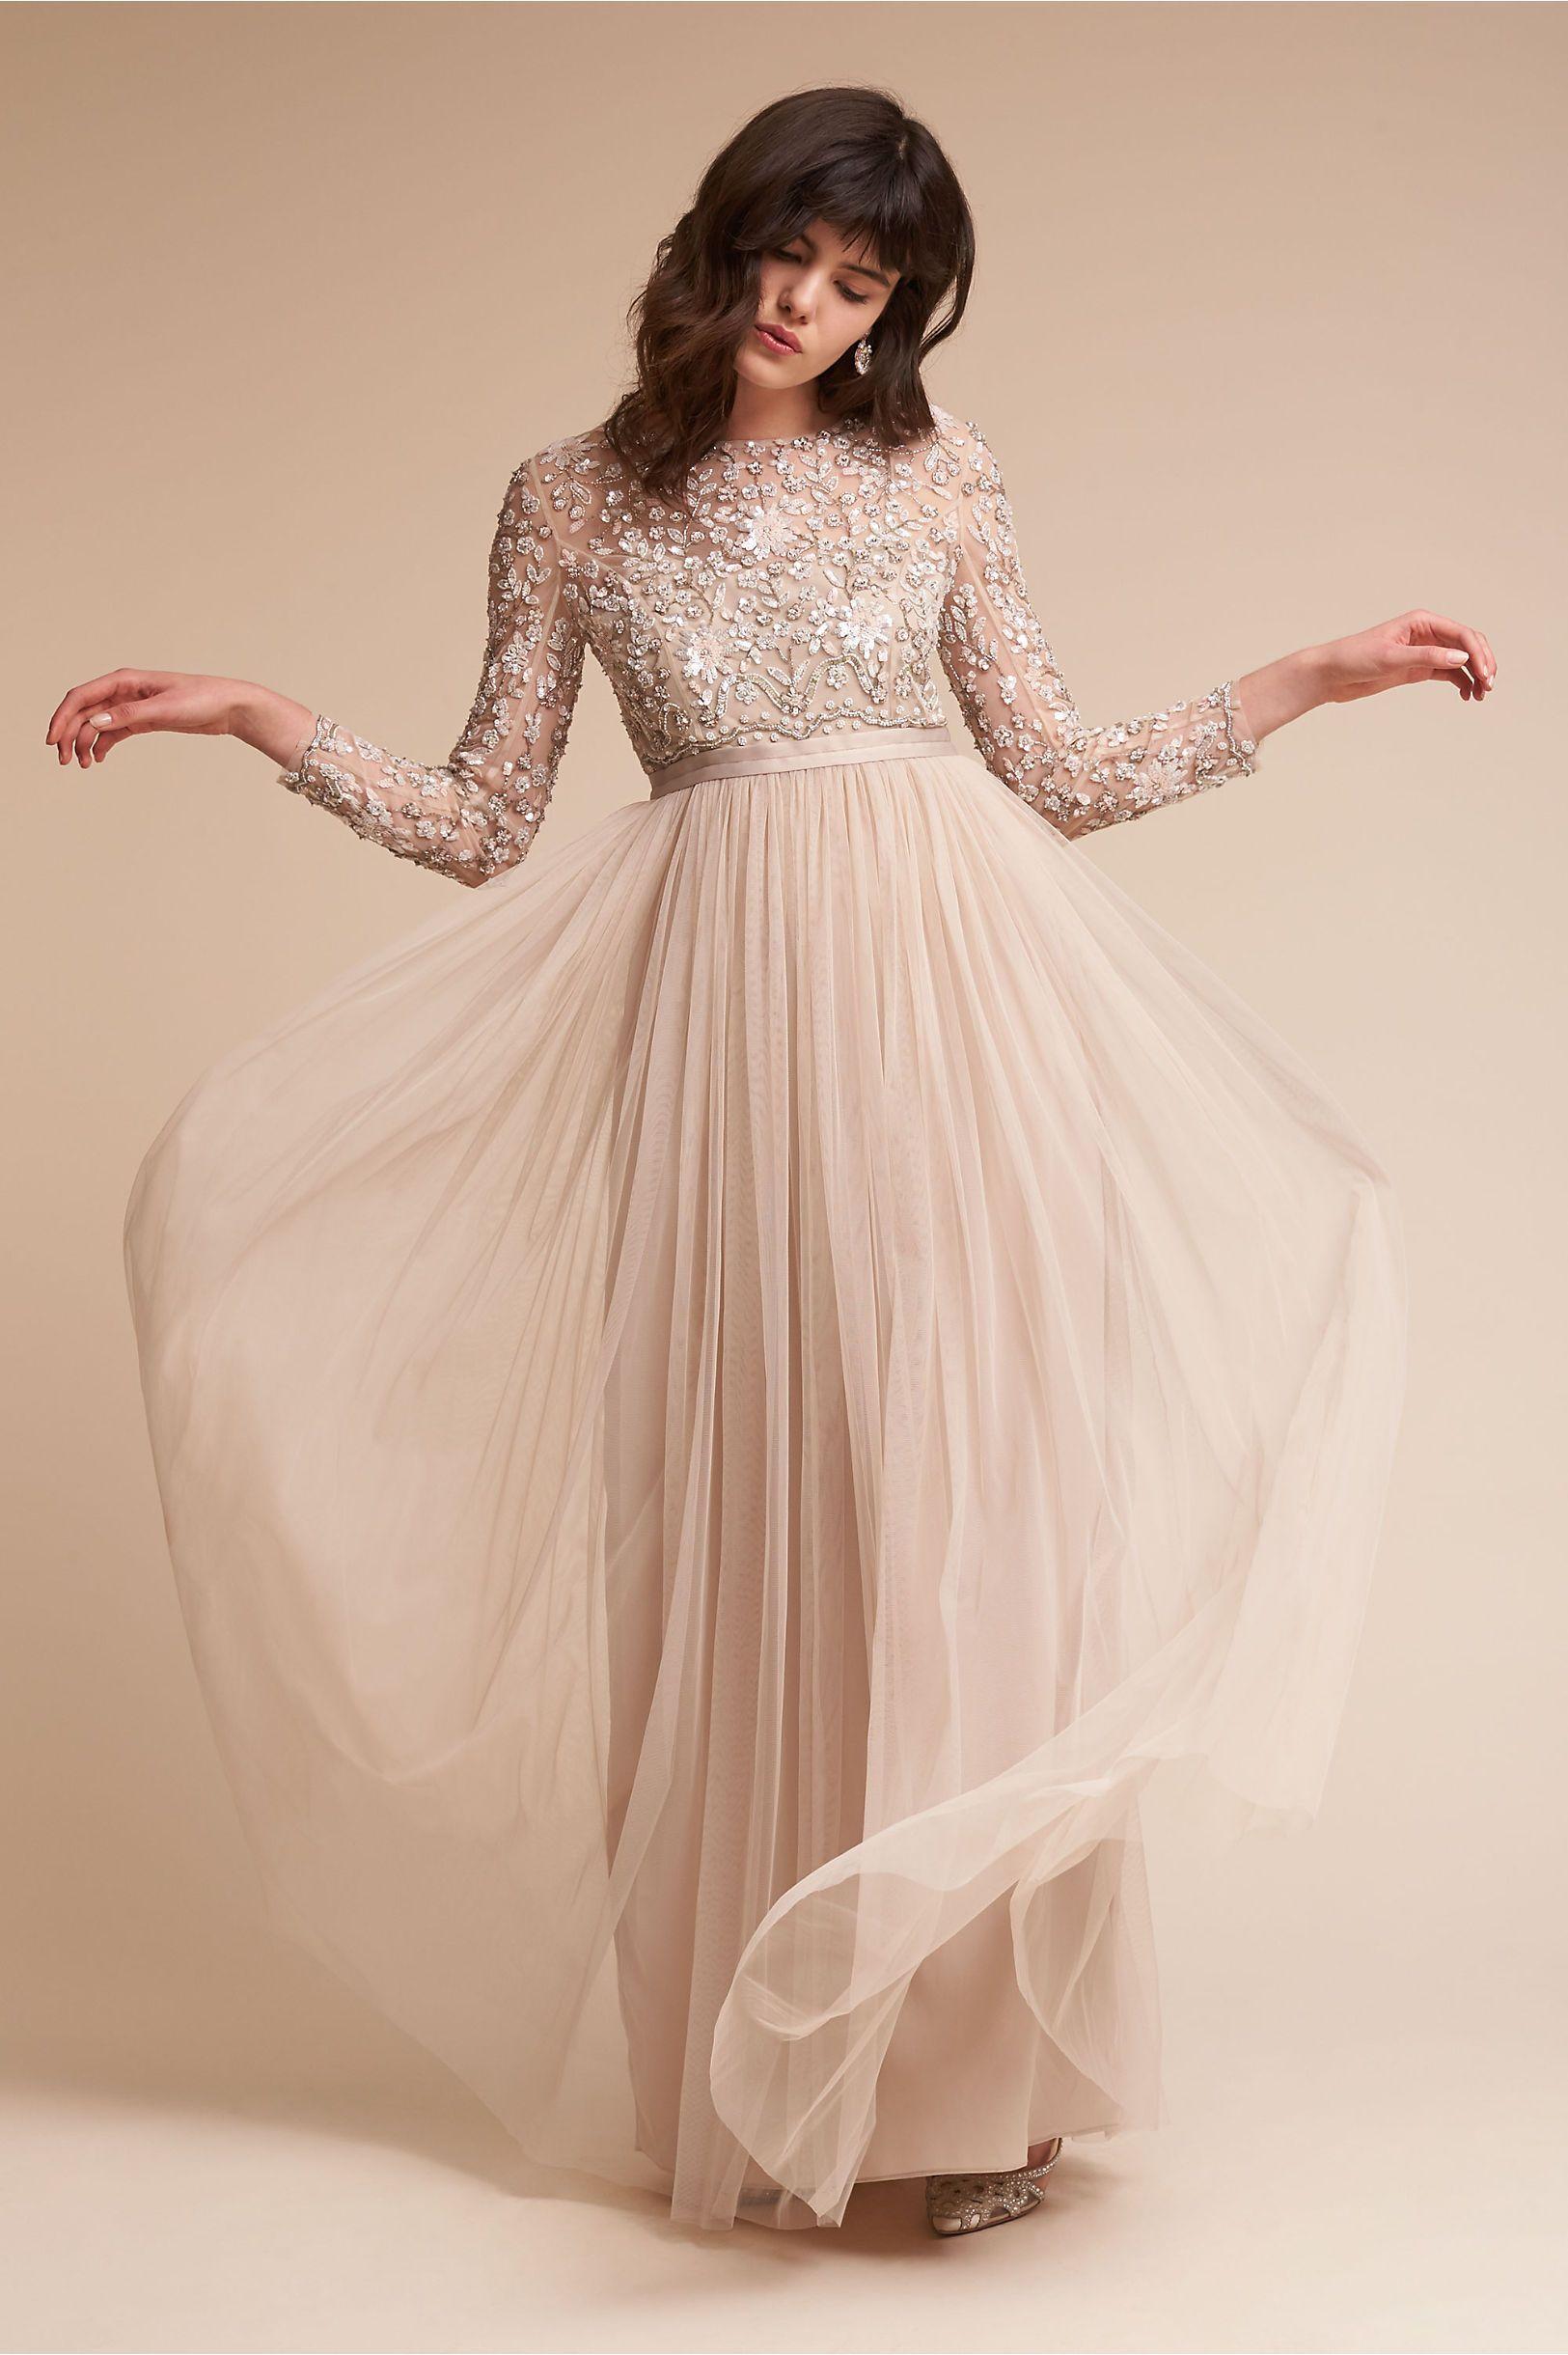 ef090daf6c0 BHLDN s Needle   Thread Rhapsody Dress in Rose Beige. BHLDN Rhapsody Dress  in Bride Wedding Dresses ...